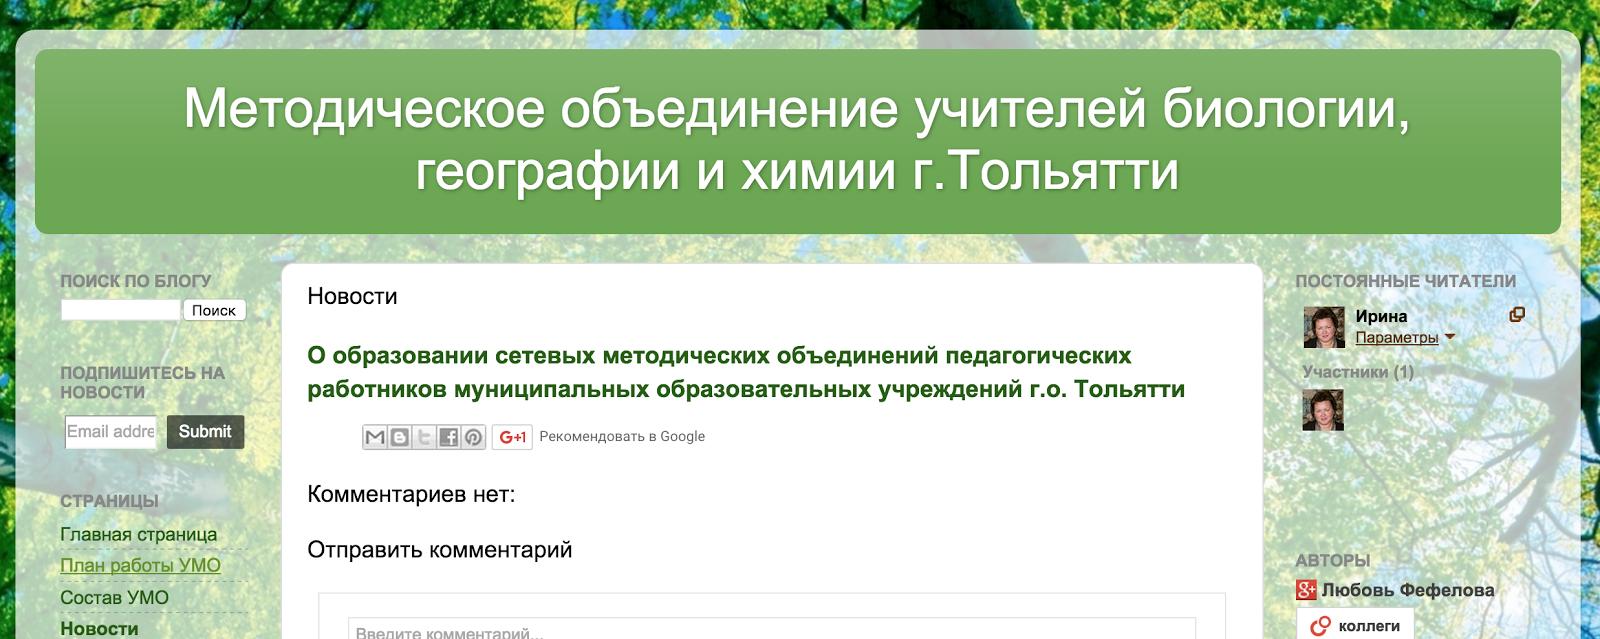 УМО учителей биологии, географии и химии г.о. Тольятти